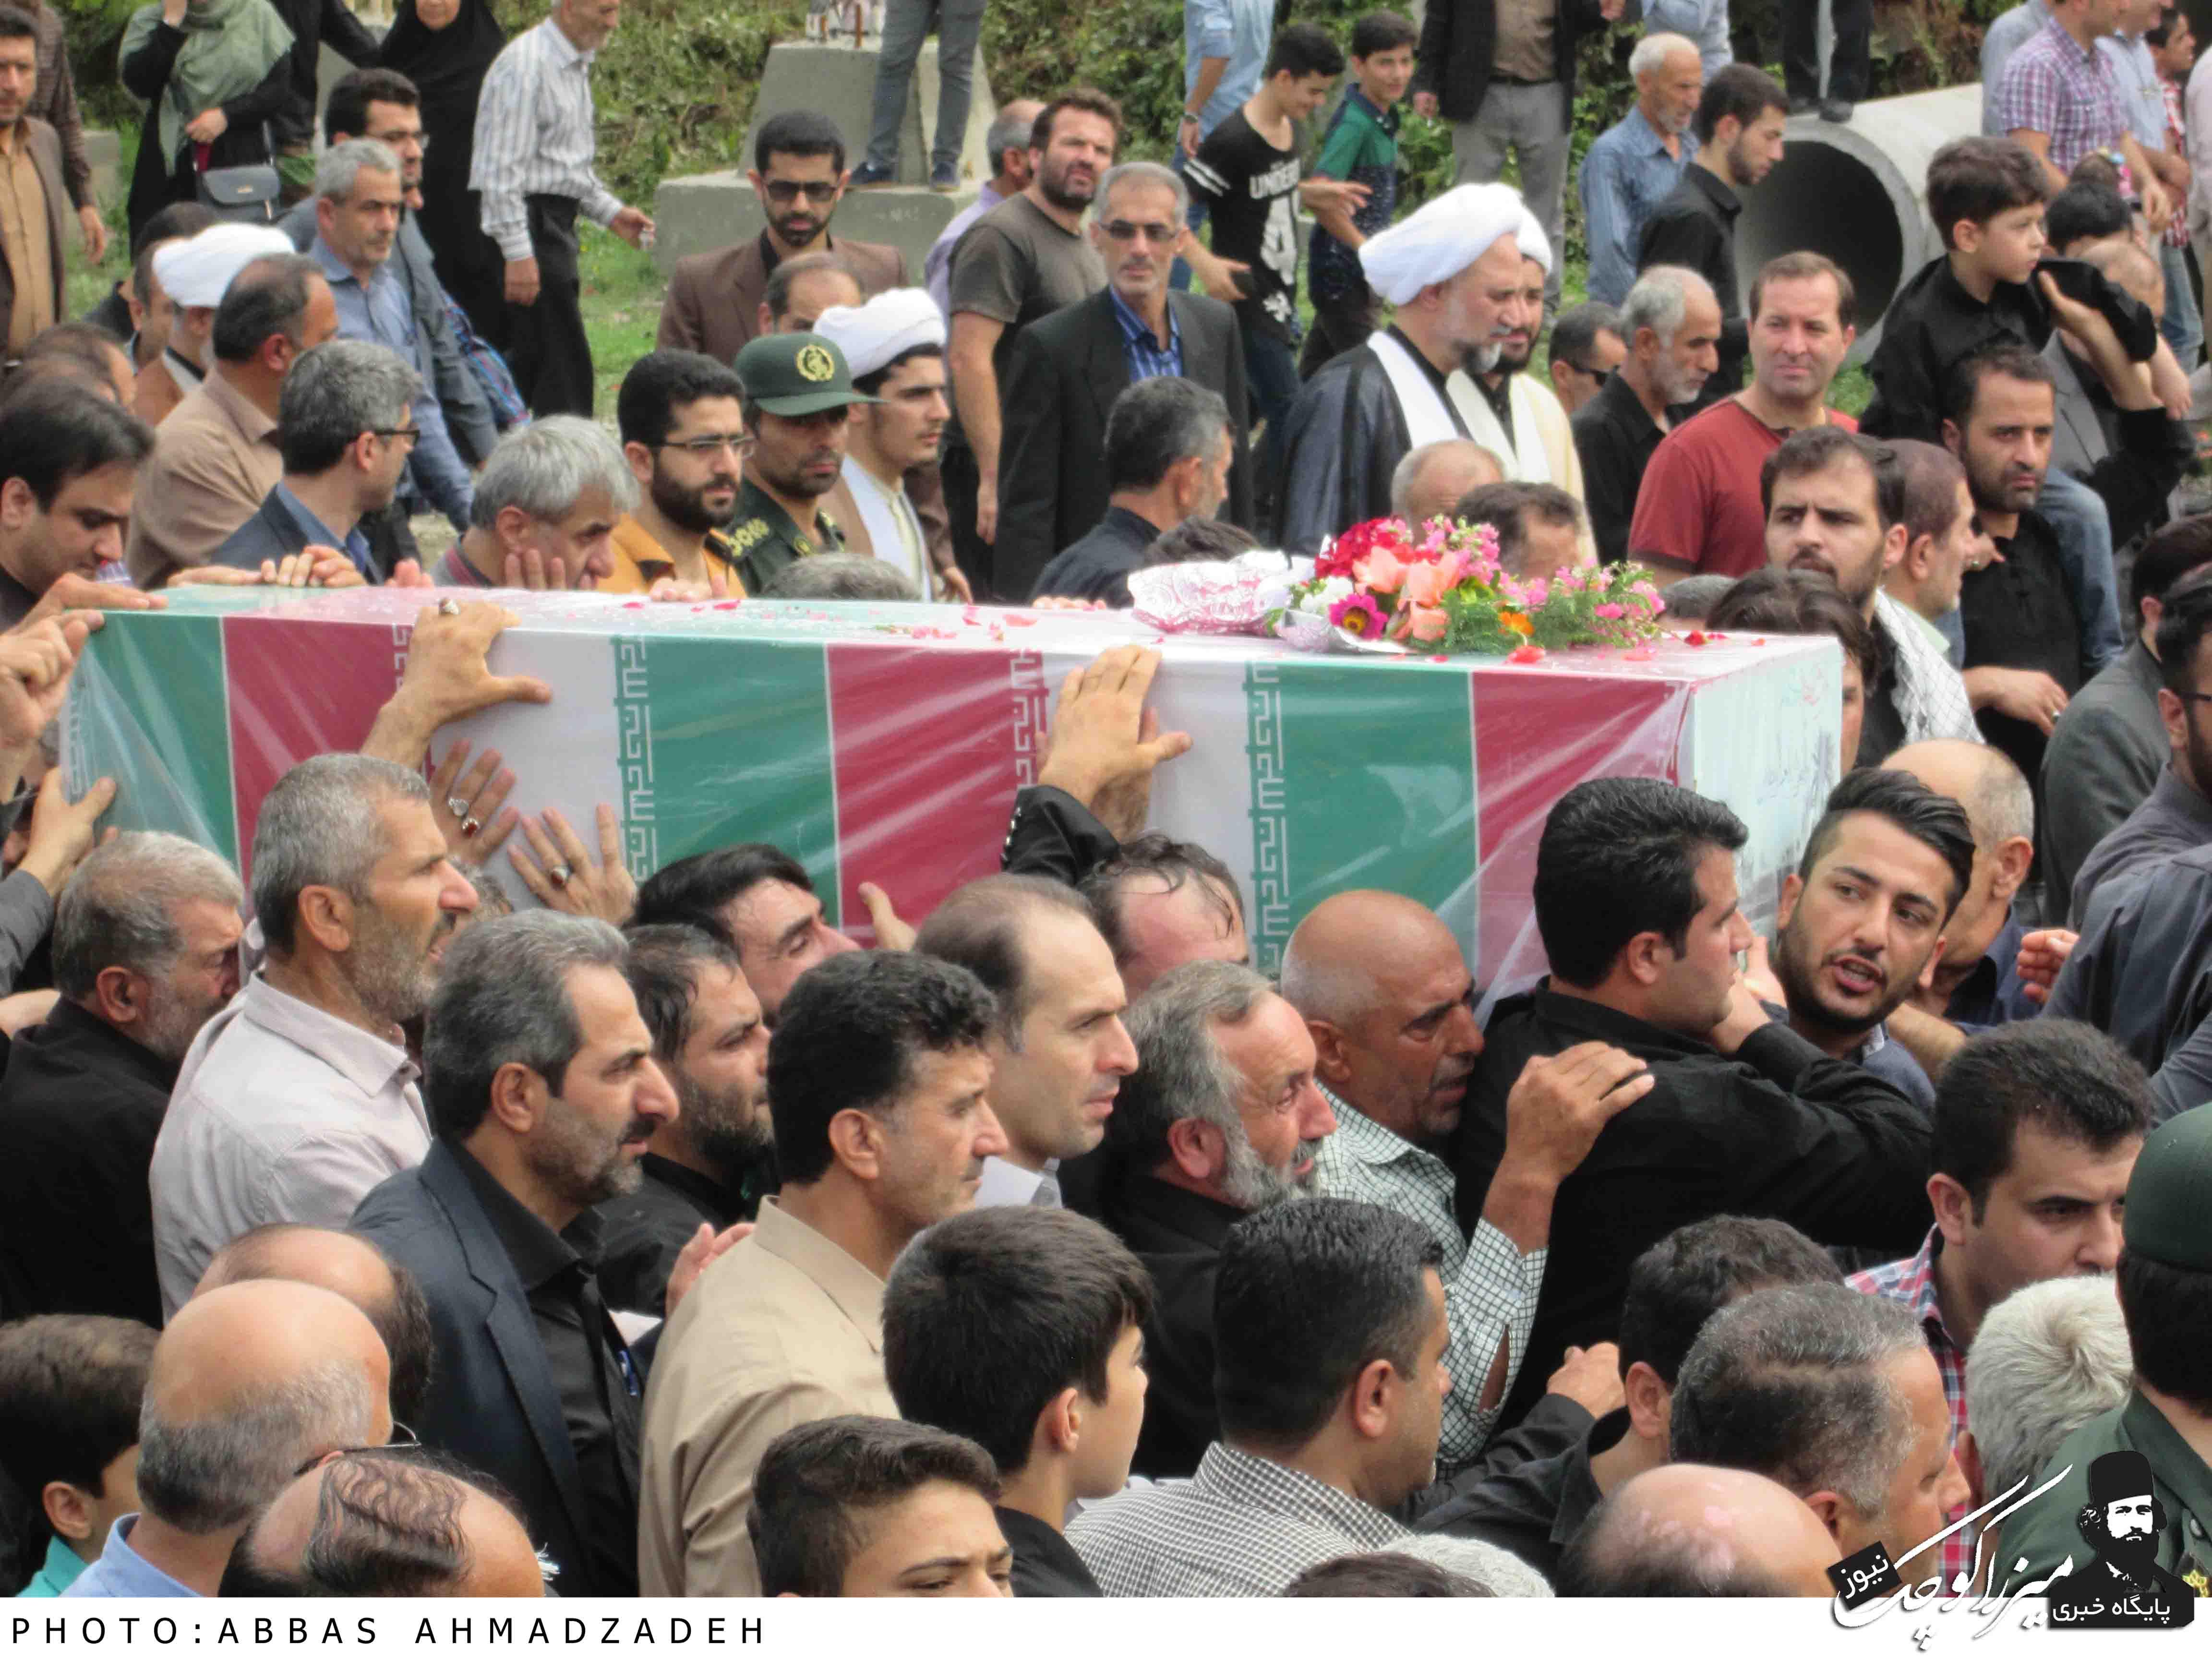 مراسم تشییع و تدفین شهدای گمنام شهر گوراب زرمیخ